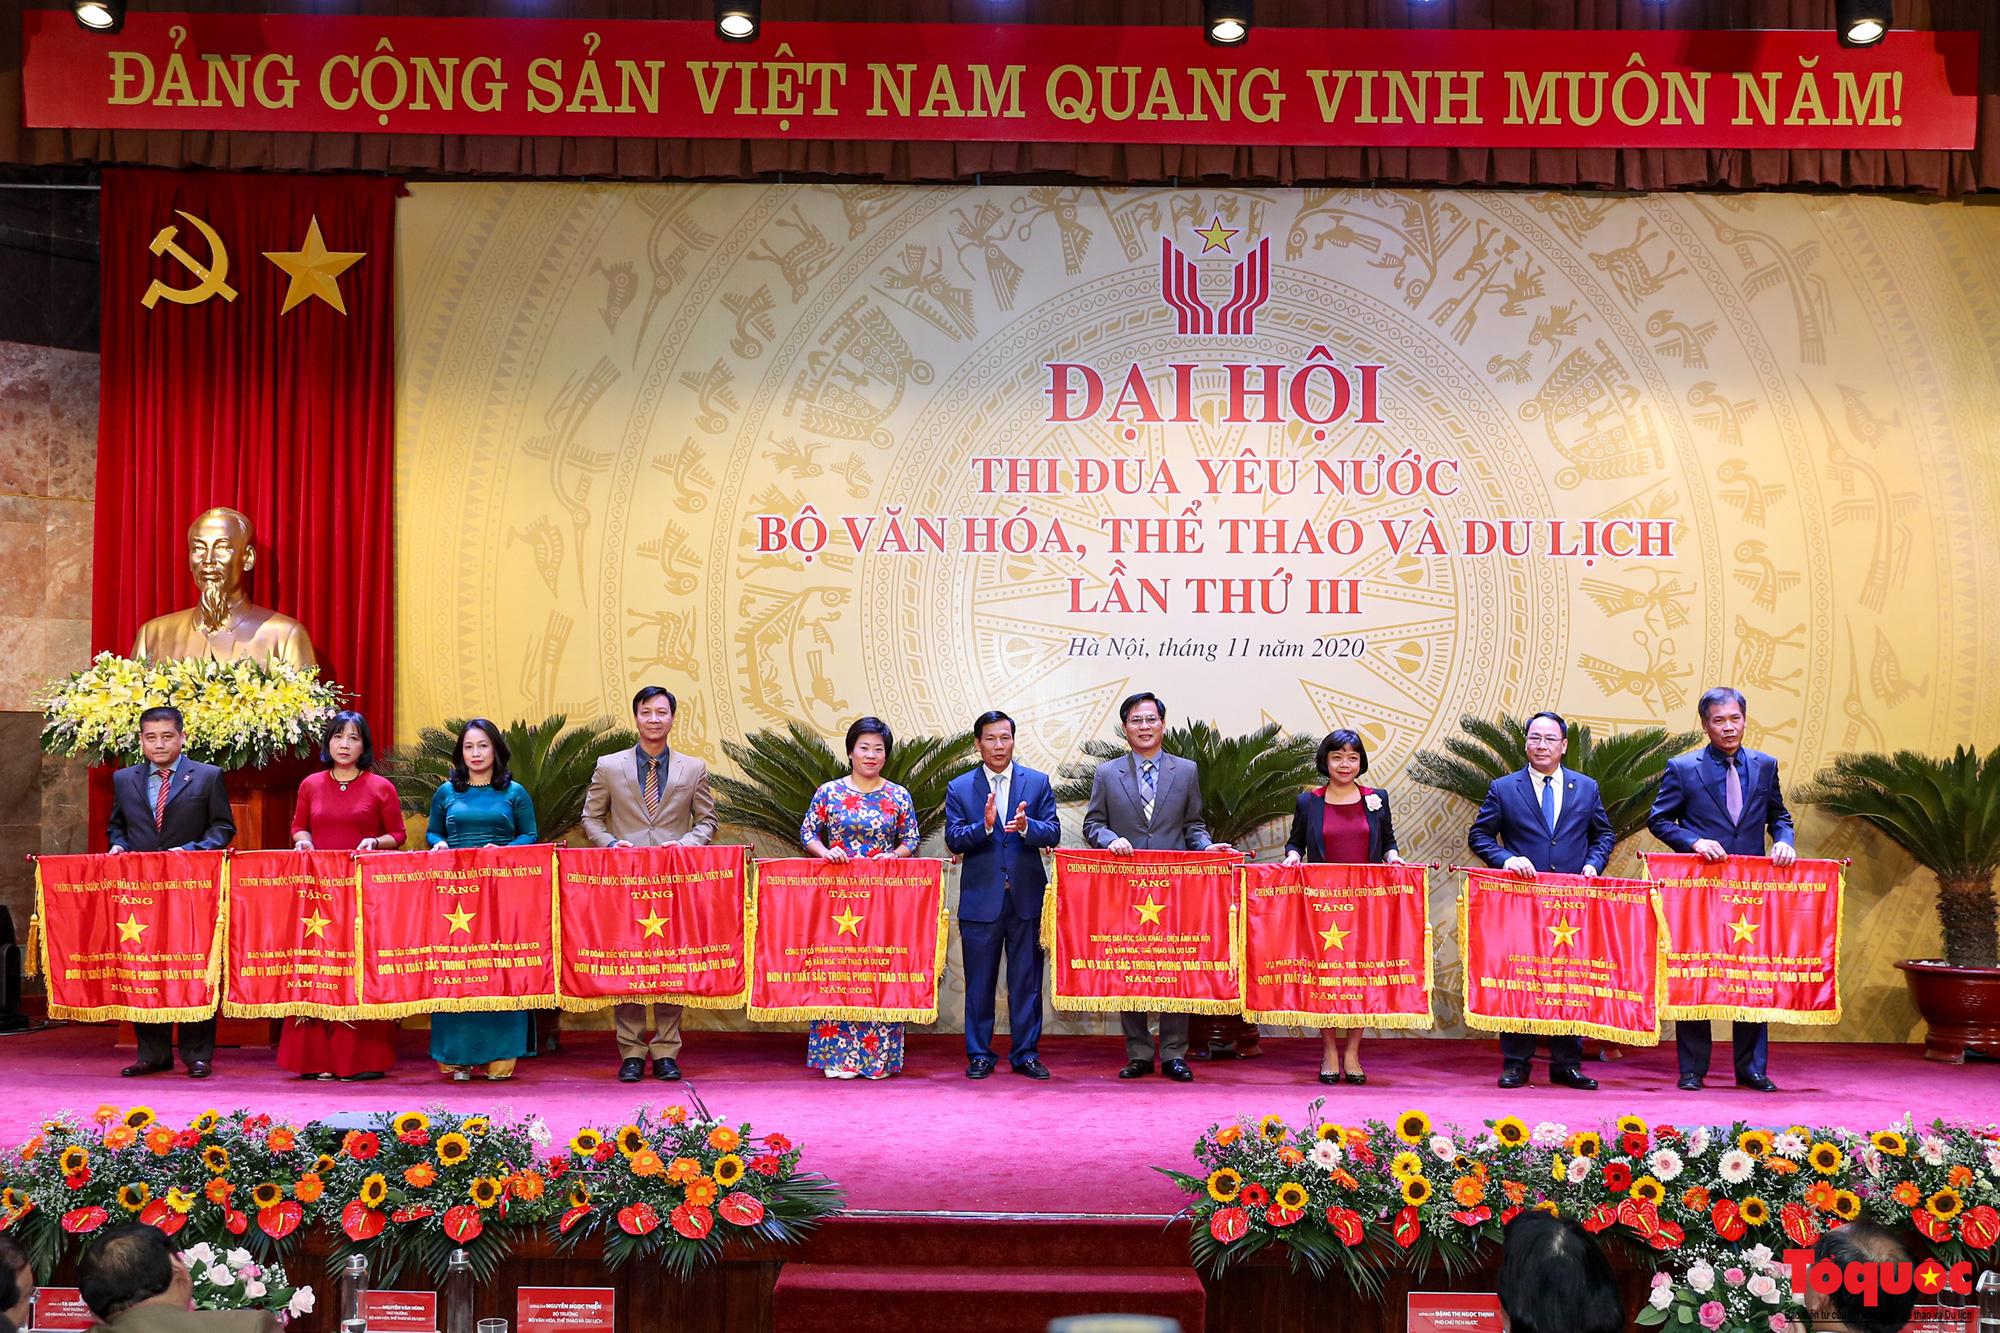 Tại Đại hội, thừa ủy quyền của Thủ tướng Chính phủ, Bộ trưởng Bộ VHTTDL Nguyễn Ngọc Thiện đã trao Cờ Thi đua của Chính phủ cho các đơn vị có thành tích xuất sắc.